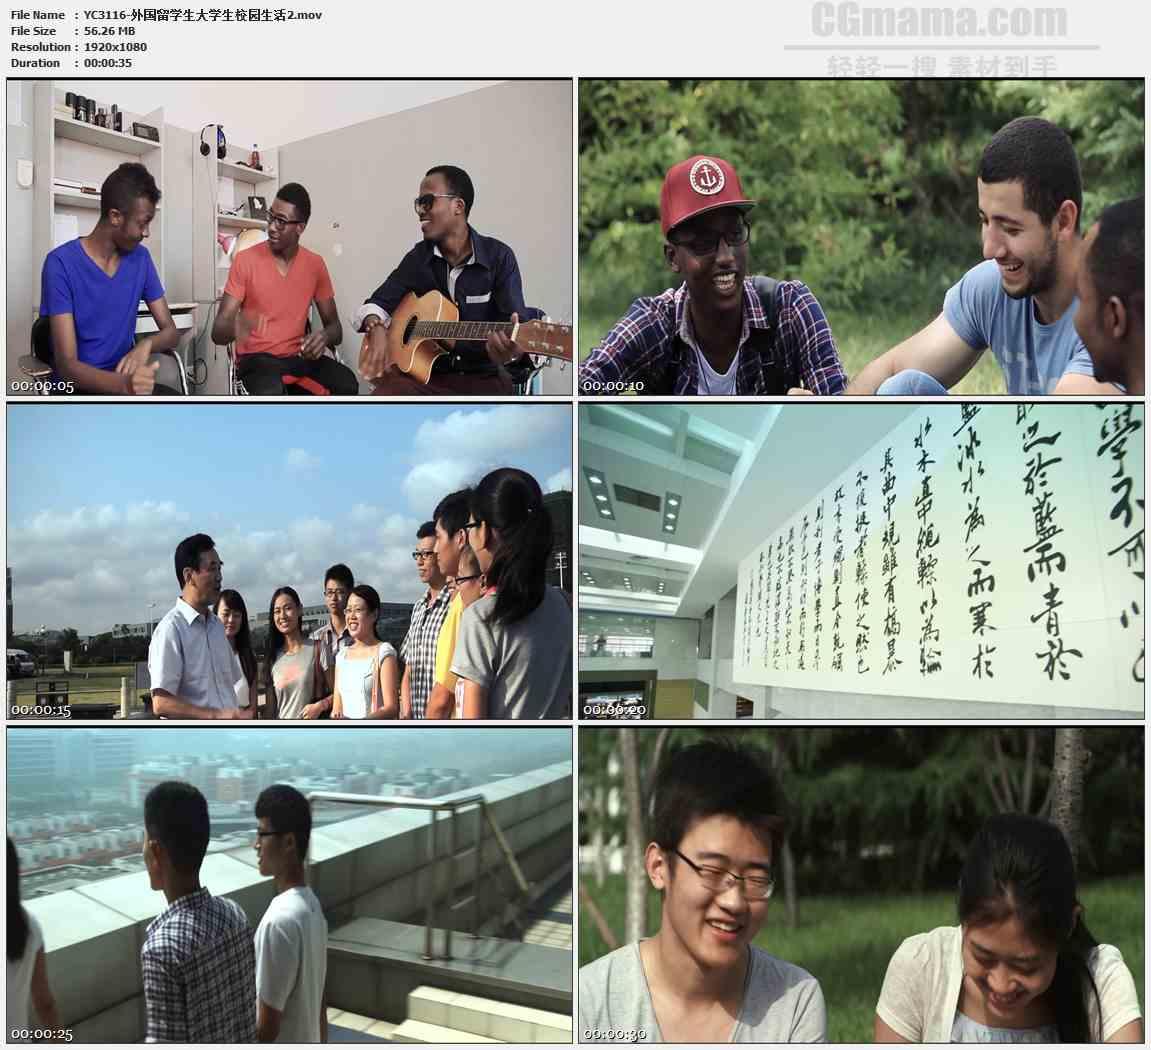 yc3116-外国留学生大学生校园生活高清实拍视频素材